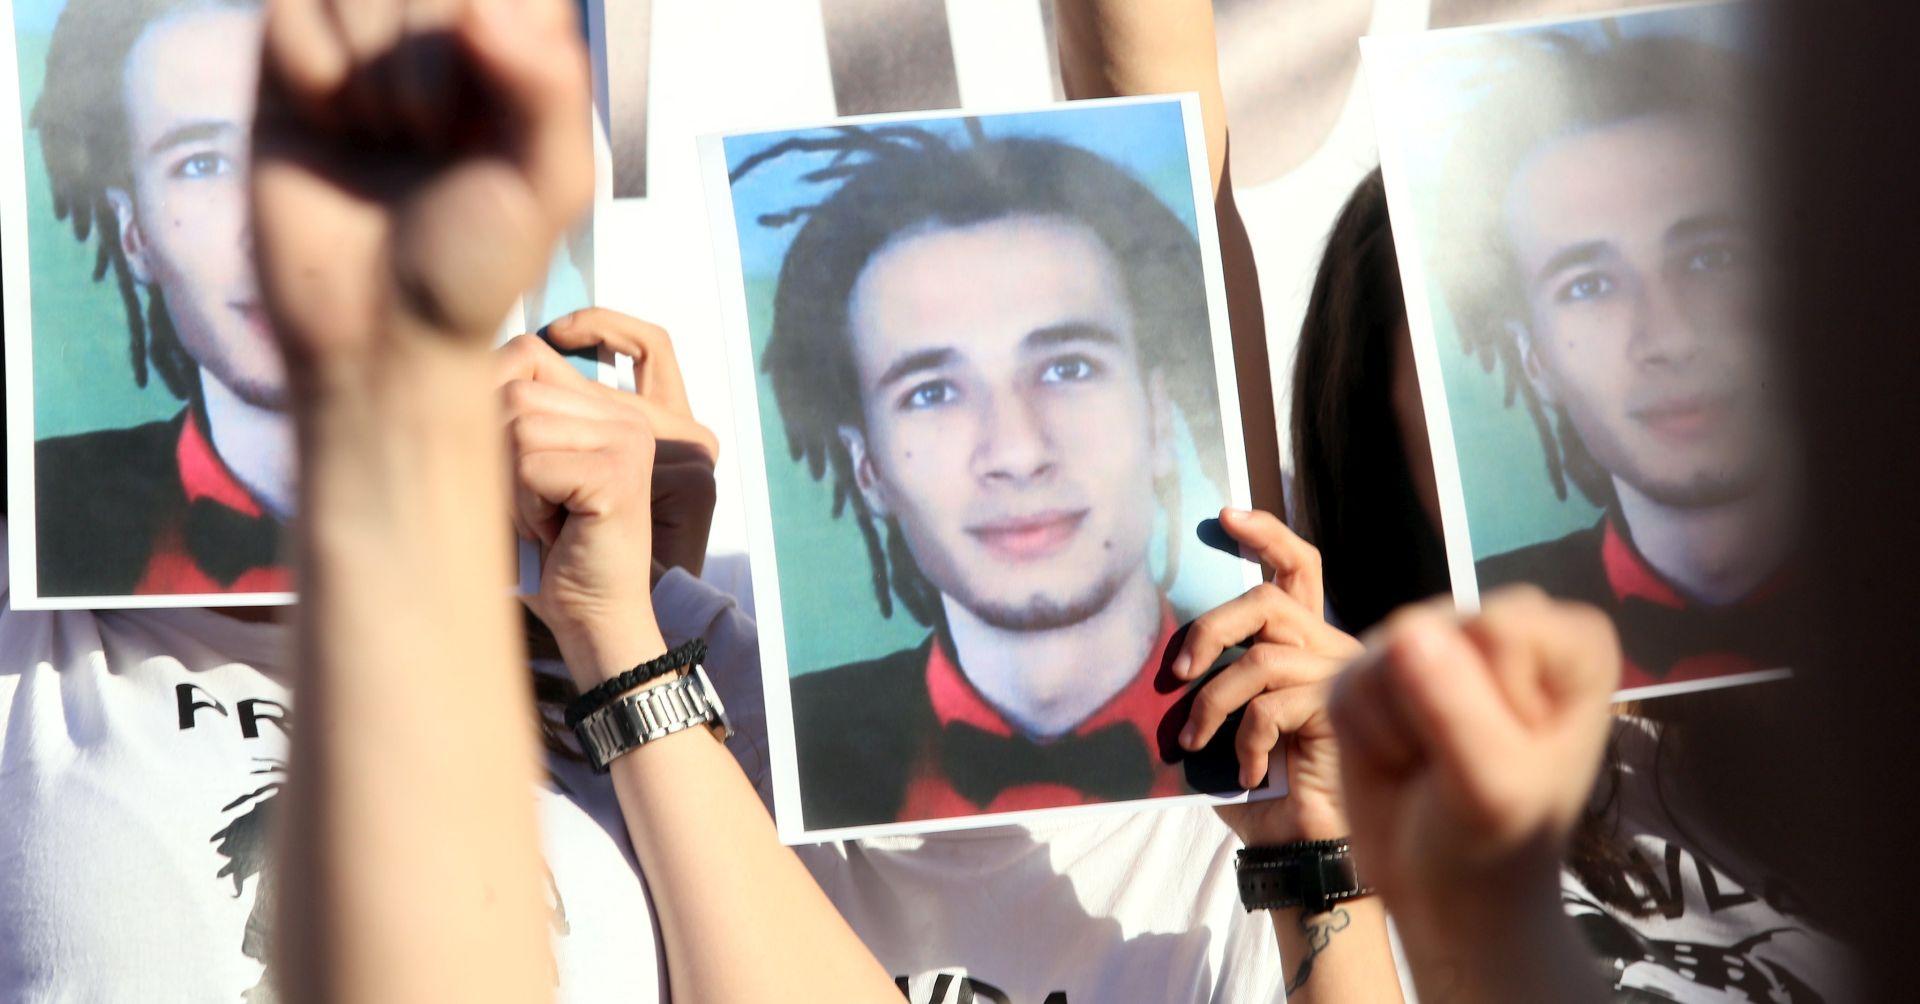 Sumnjiva smrt 21-godišnjaka najveći dosadašnji izazov Dodikovoj vlasti